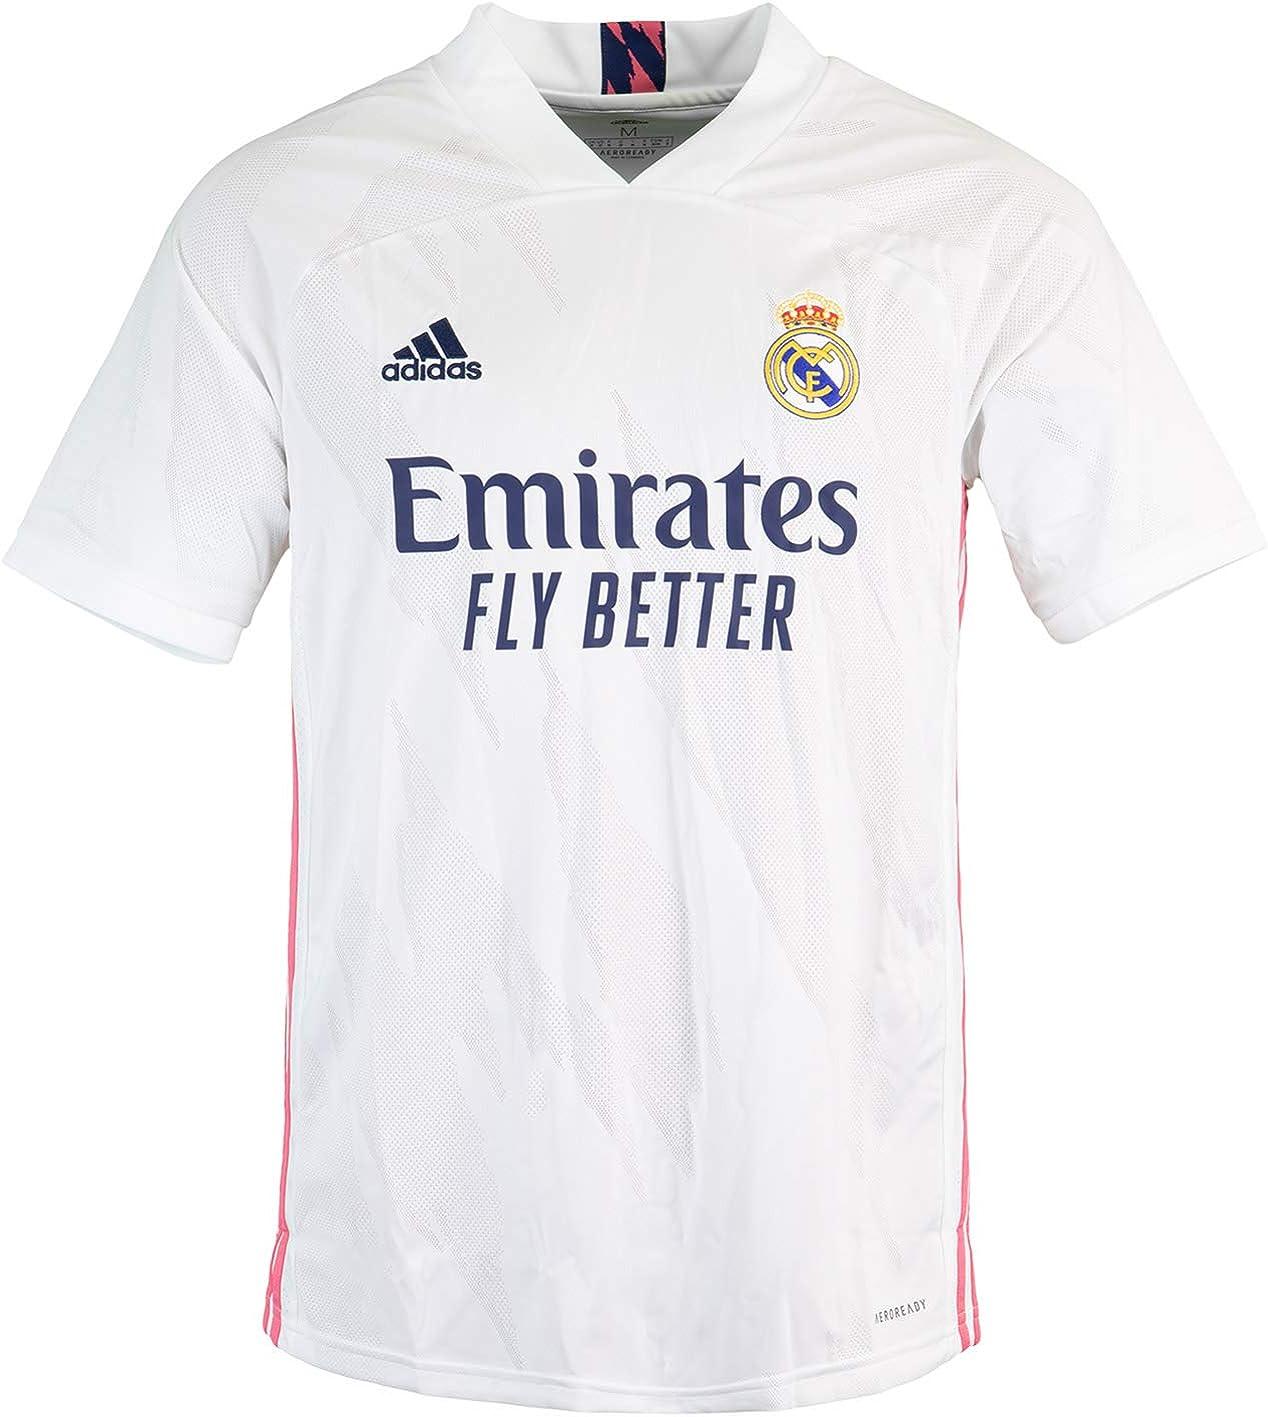 adidas Camiseta del Real Madrid.: Amazon.es: Ropa y accesorios